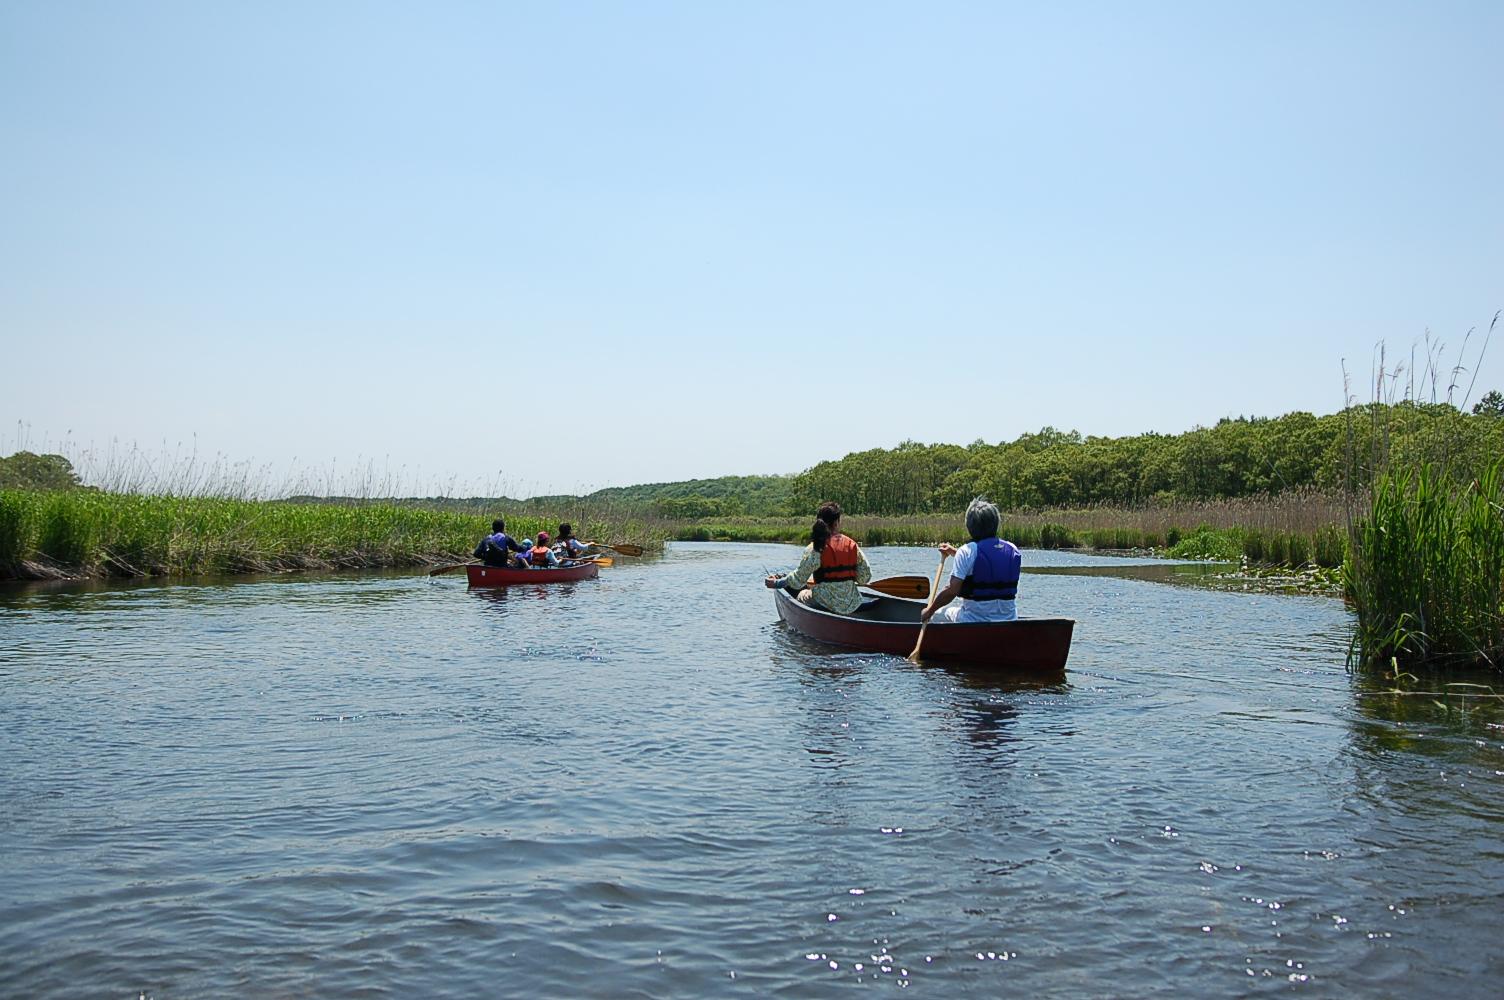 蛇行する湿原風景と森林浴の両方が楽しめる、美々川カヌー下り